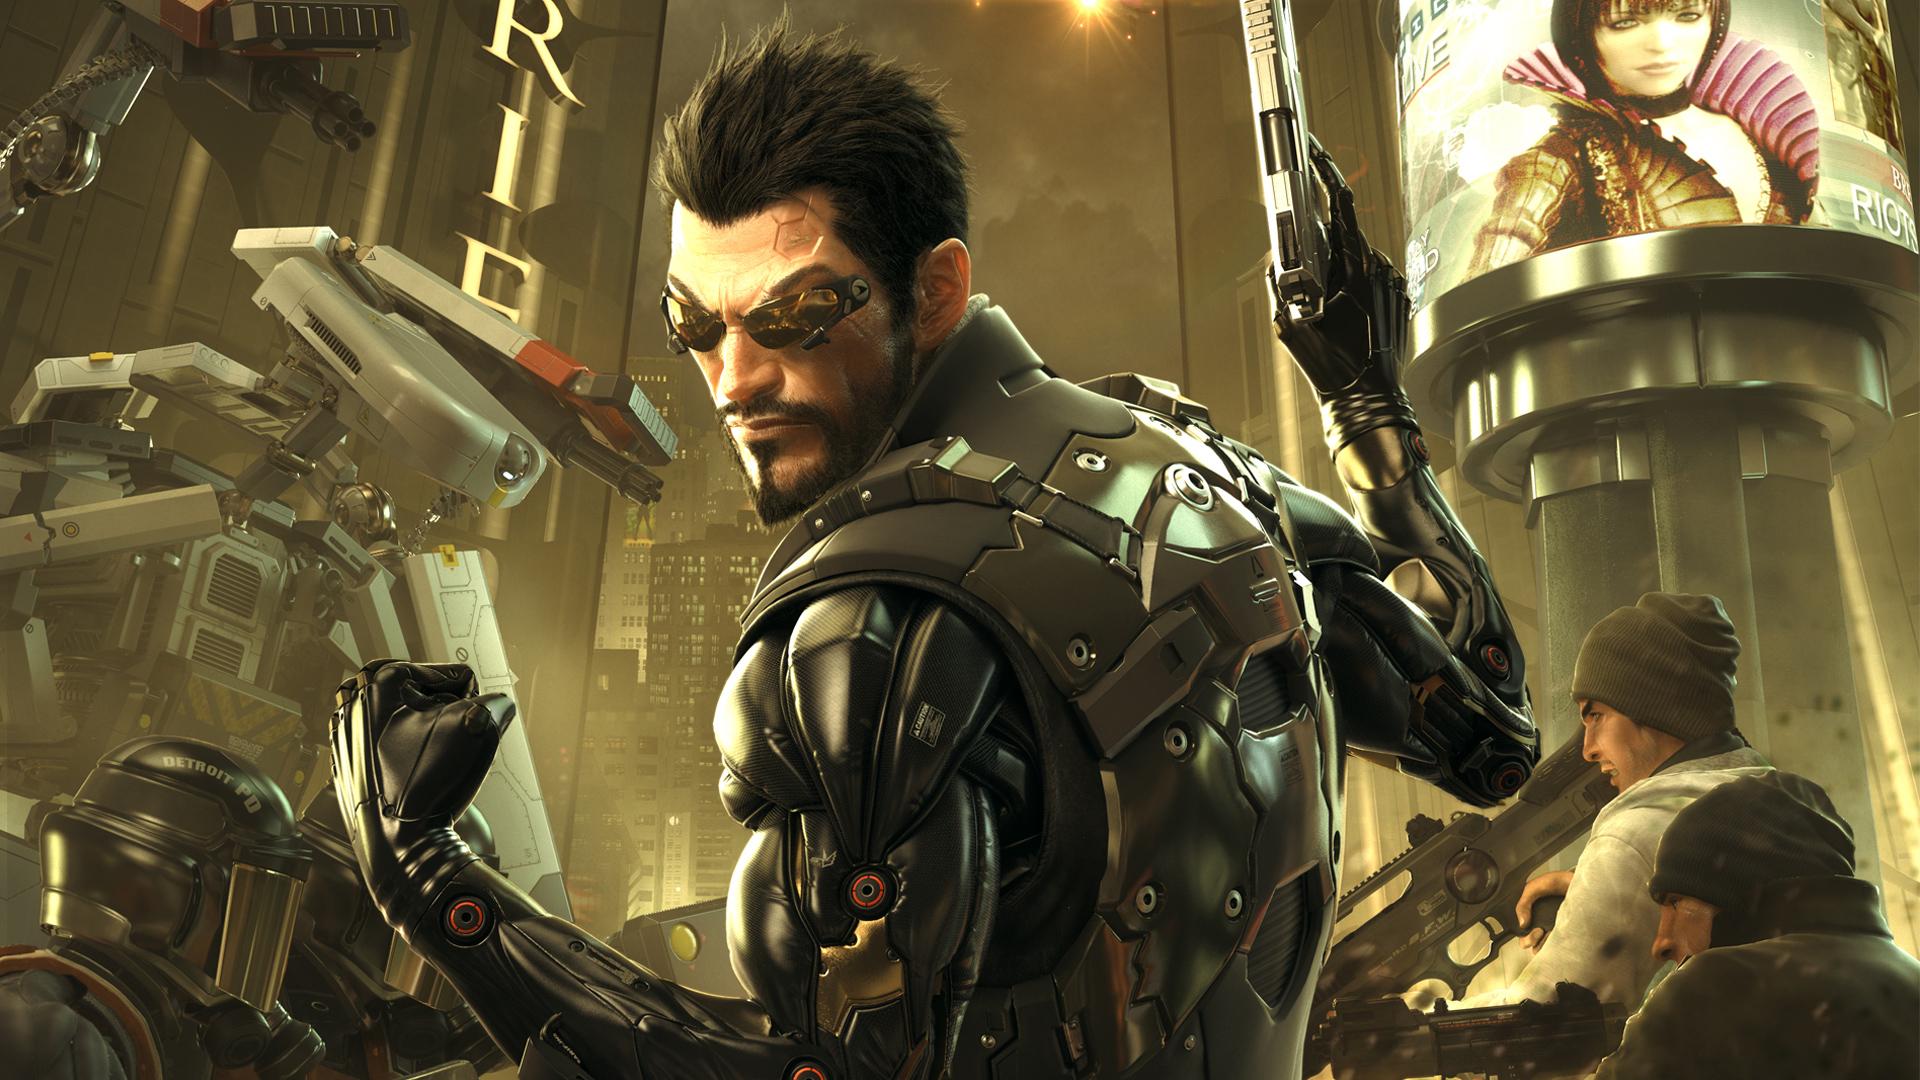 Deus Ex: Human Revolution Director's Cut Impressions